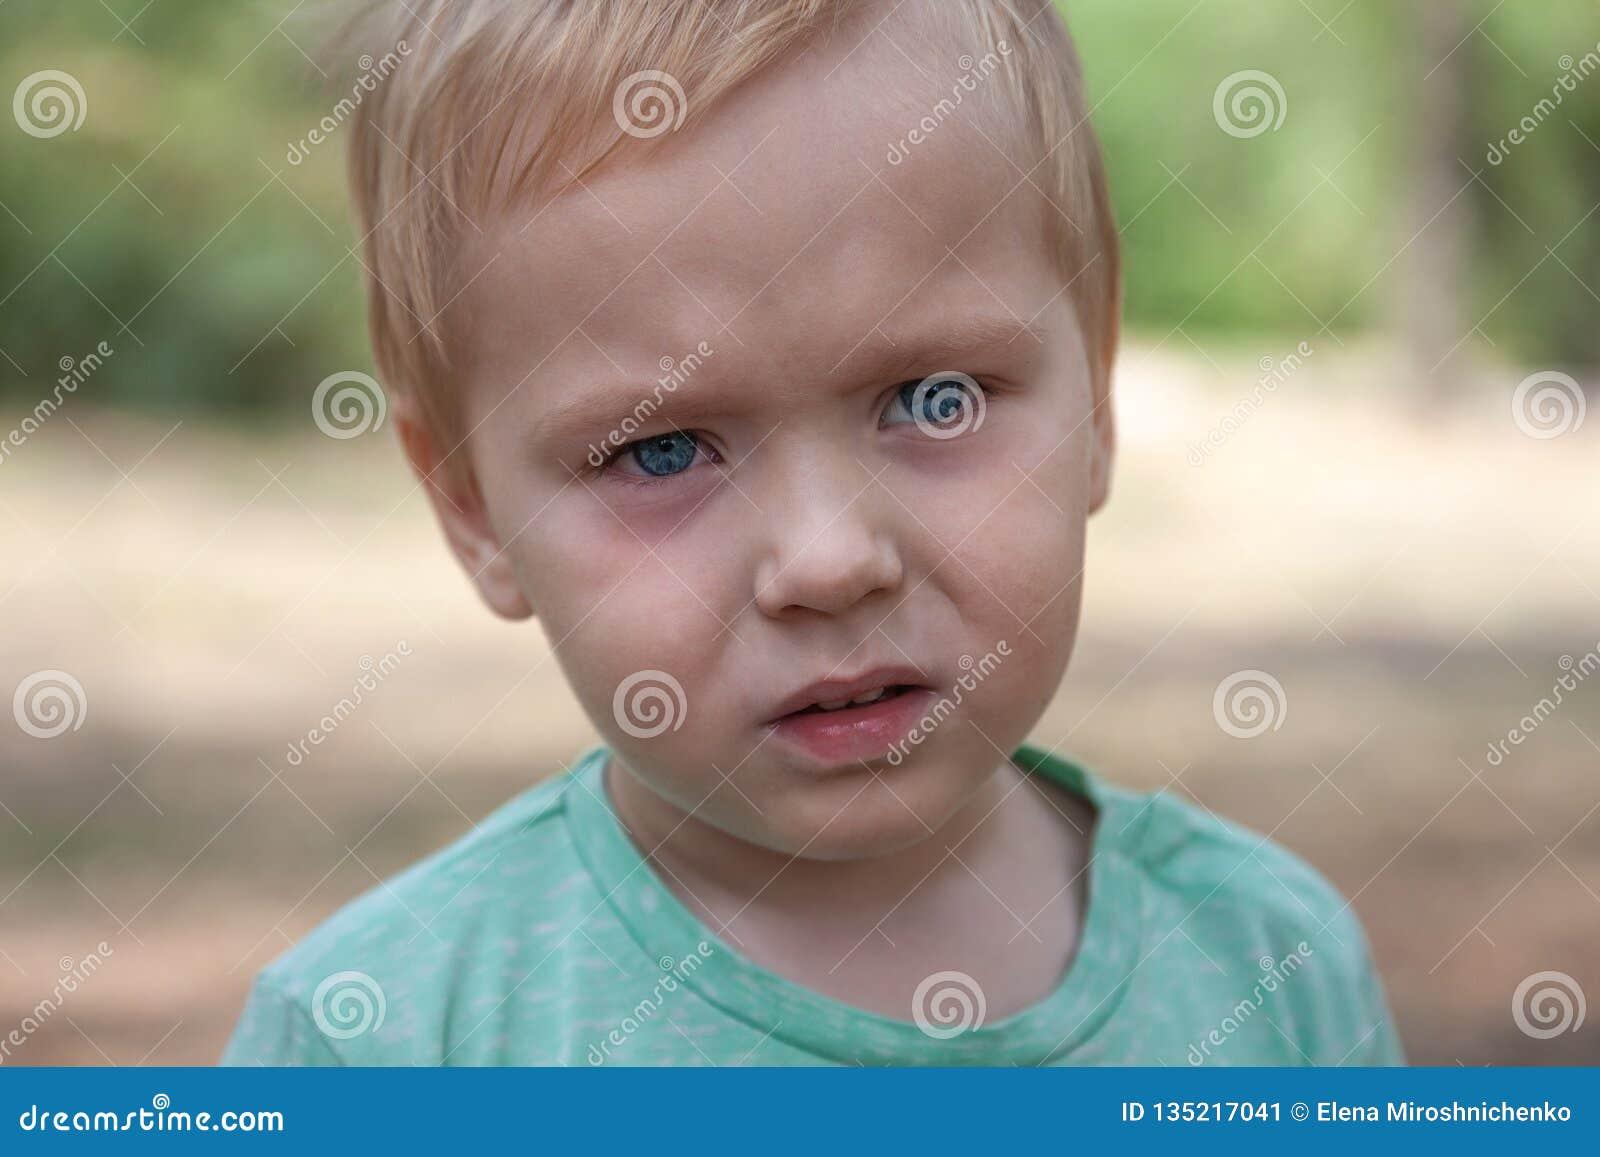 Retrato ascendente próximo do bebê caucasiano bonito com expressão séria nos olhos azuis